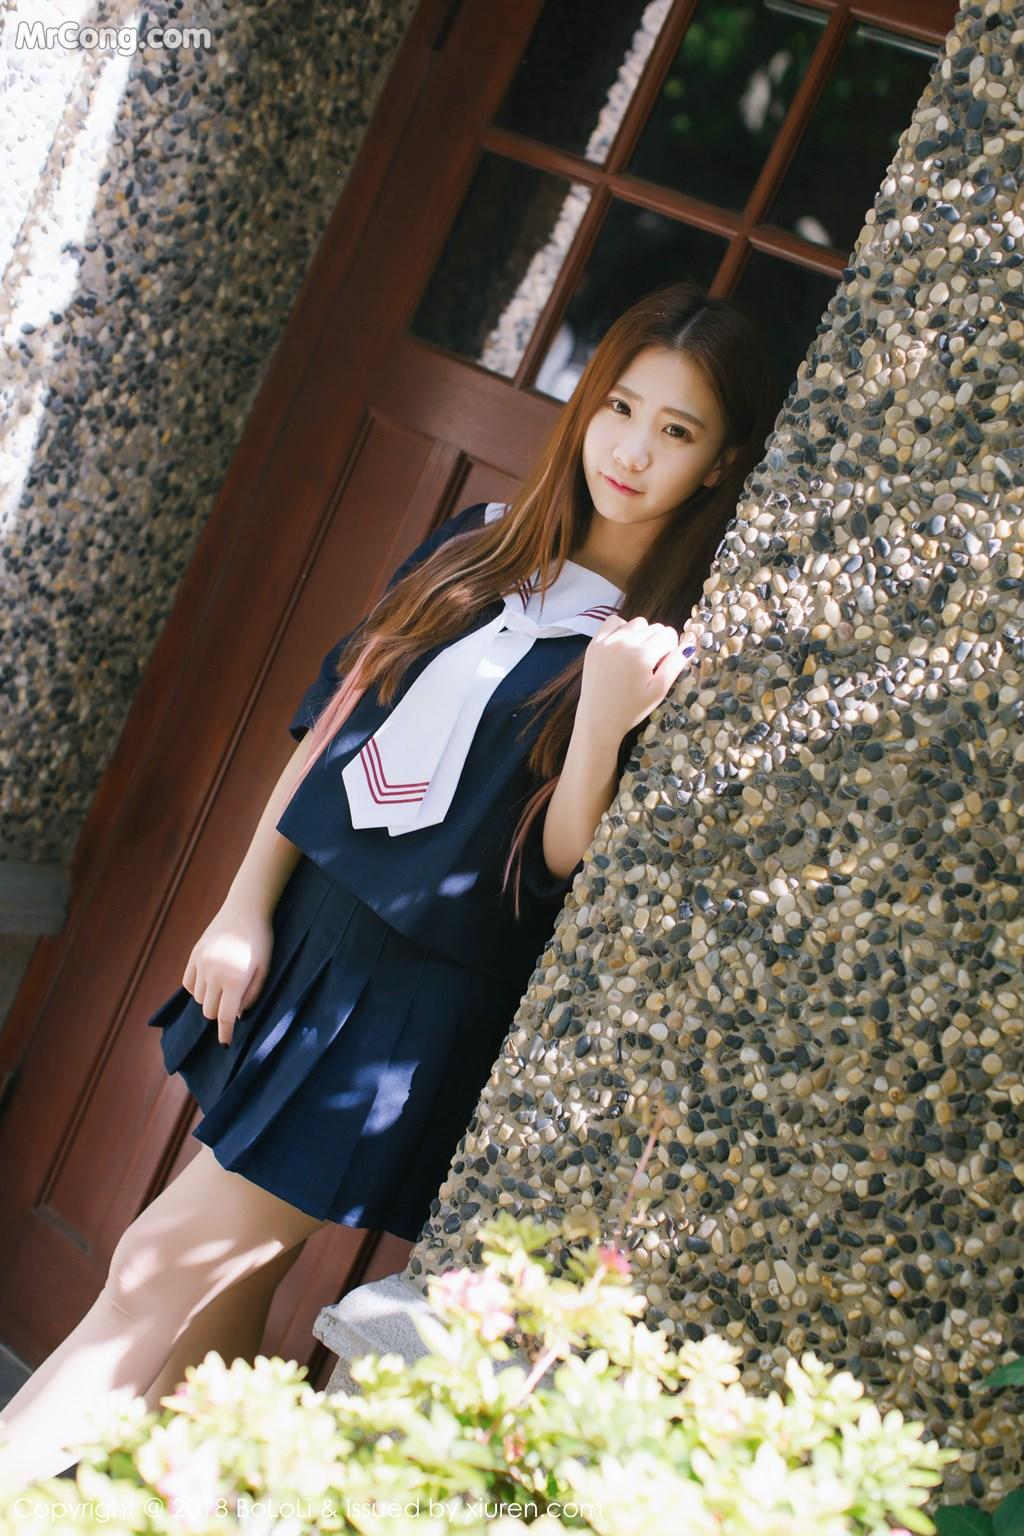 Image Tukmo-Vol.107-Dong-Chen-Li-MrCong.com-002 in post Tukmo Vol.107: Người mẫu Dong Chen Li (董成丽) (43 ảnh)